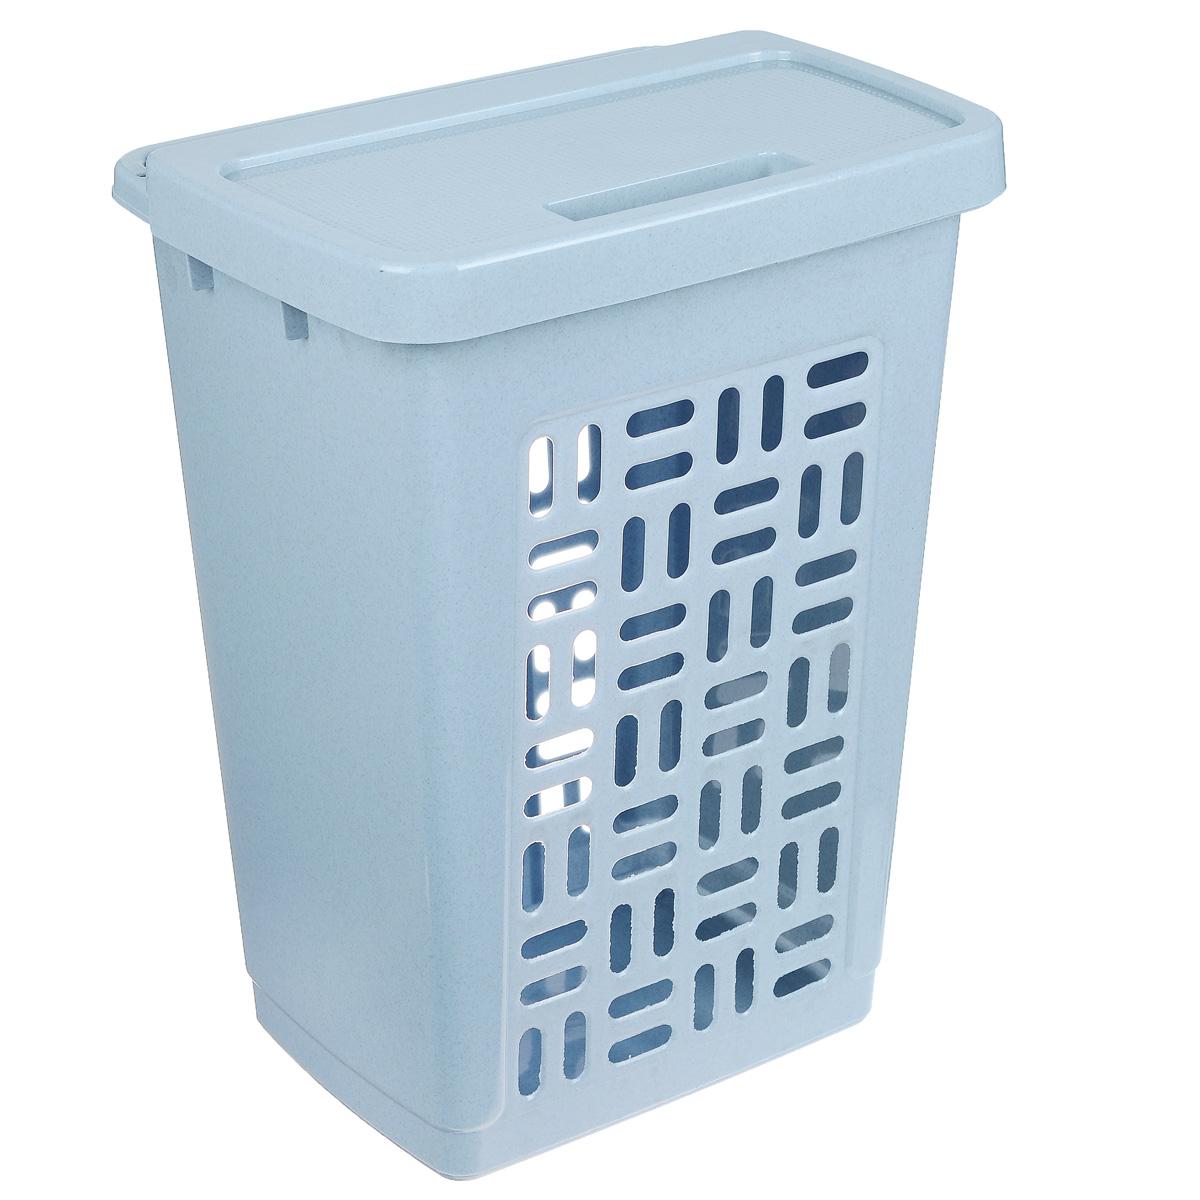 Корзина для белья Idea, цвет: голубой мрамор, 60 лМ 2610Вместительная корзина для белья Idea изготовлена из прочного пластика. Она отлично подойдет для хранения белья перед стиркой. Специальные отверстия на стенках создают идеальные условия для проветривания. Изделие оснащено крышкой. Такая корзина для белья прекрасно впишется в интерьер ванной комнаты.